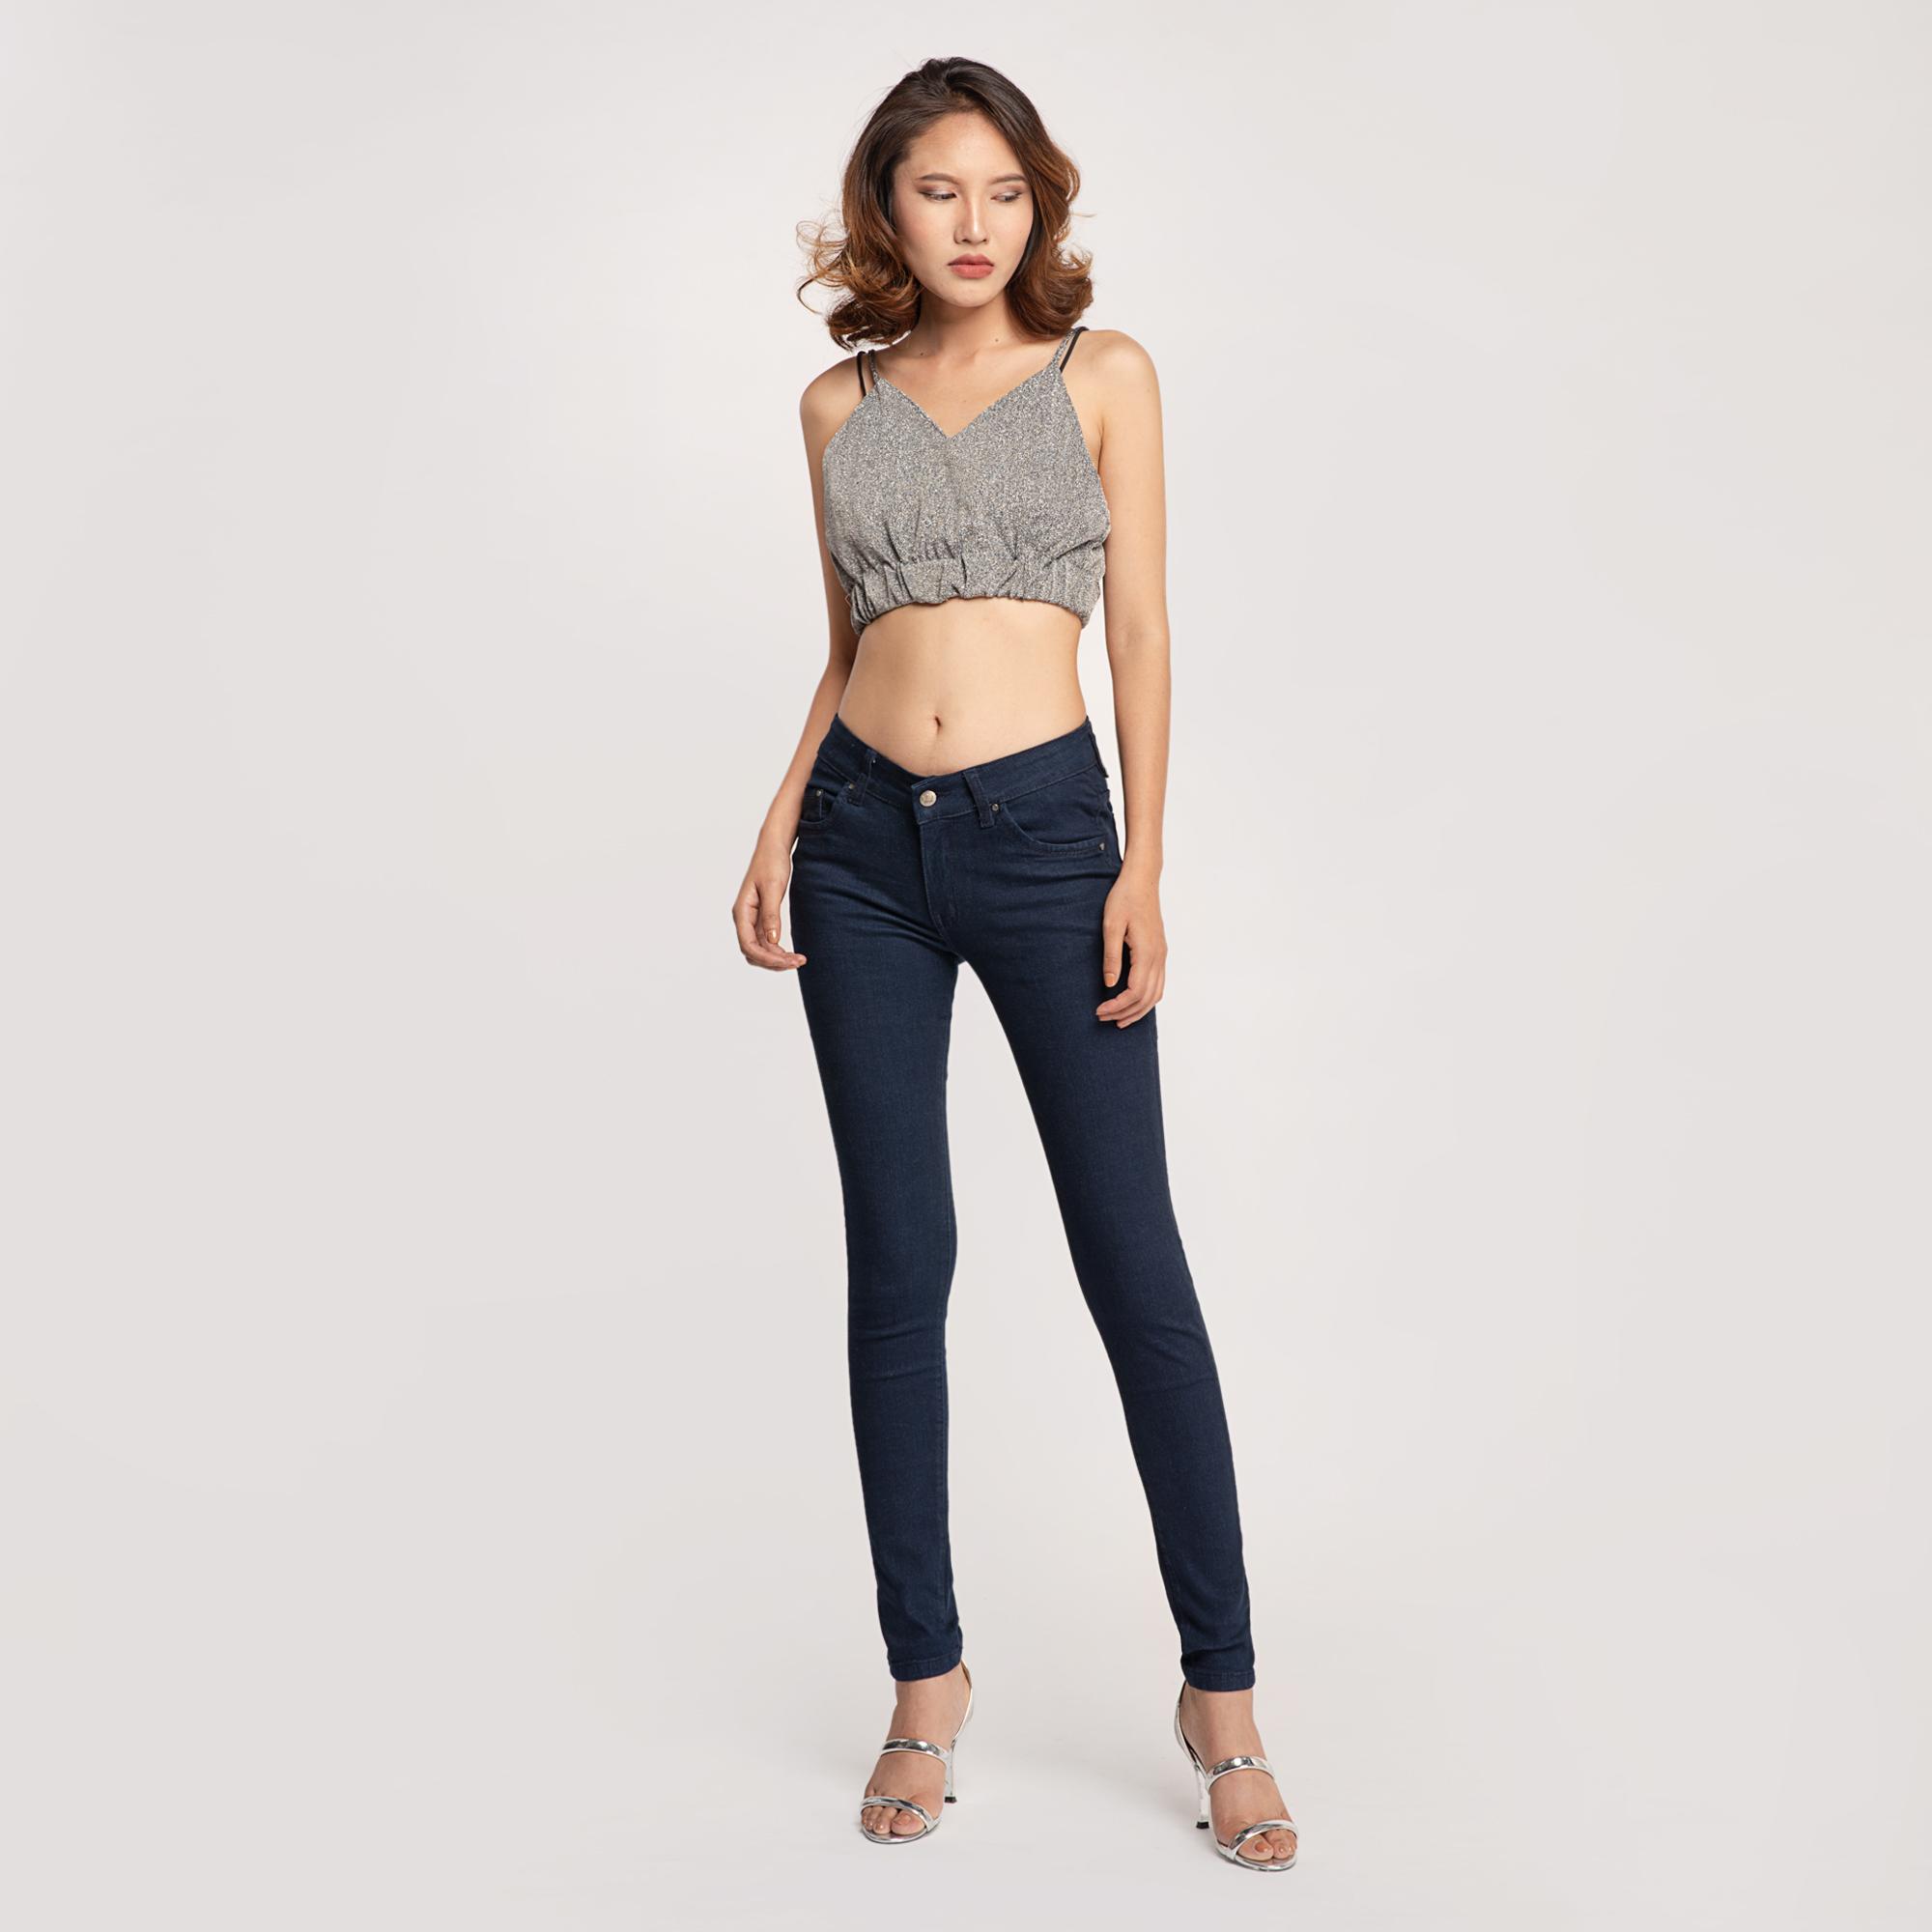 Quần Jean Nữ Skinny Lưng Vừa Aaa Jeans Có Nhiều Màu Size 26 - 32 22